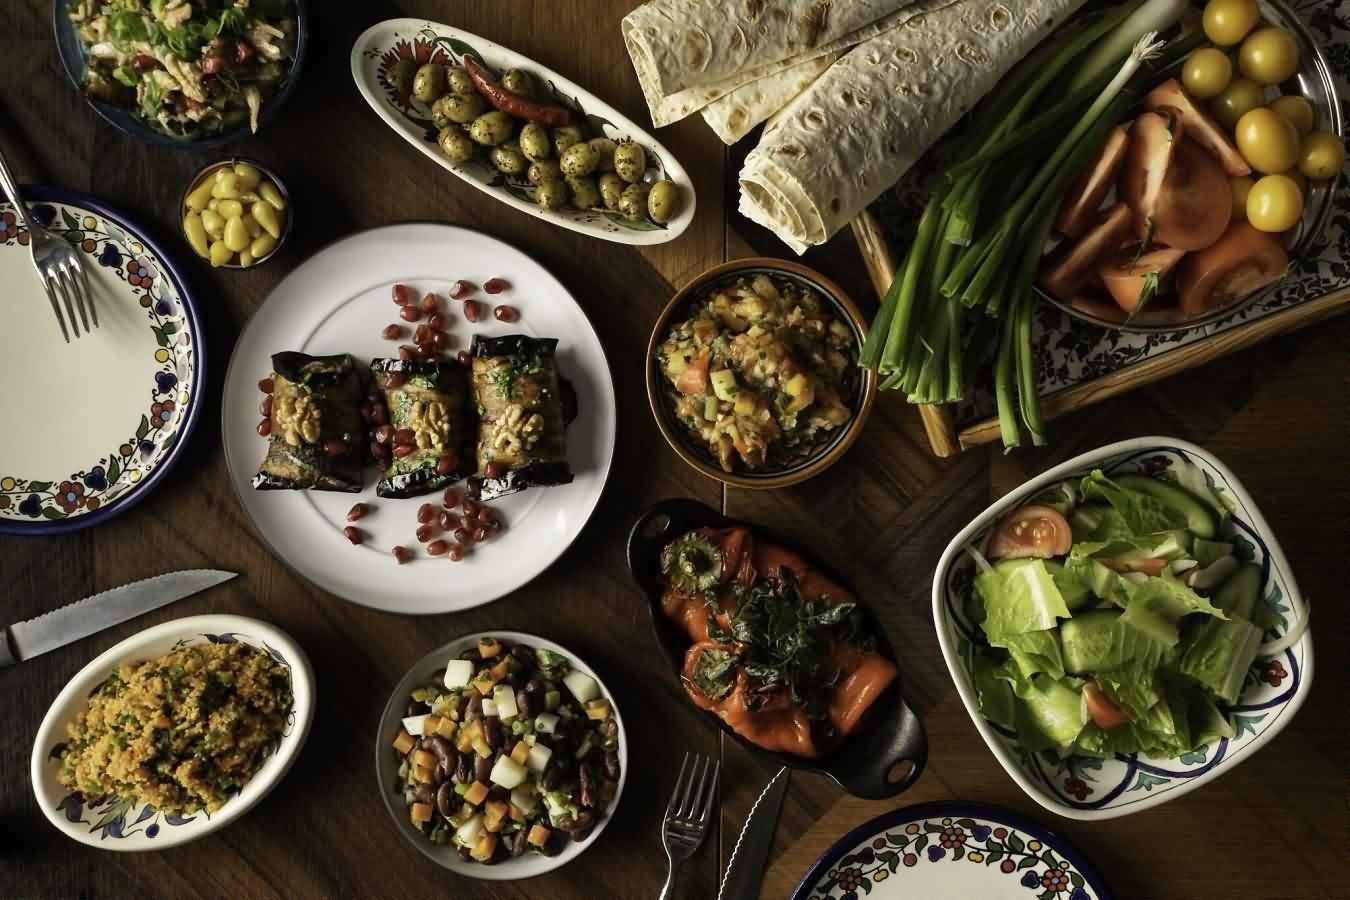 02_Rest_-_Armenian_Food-13825